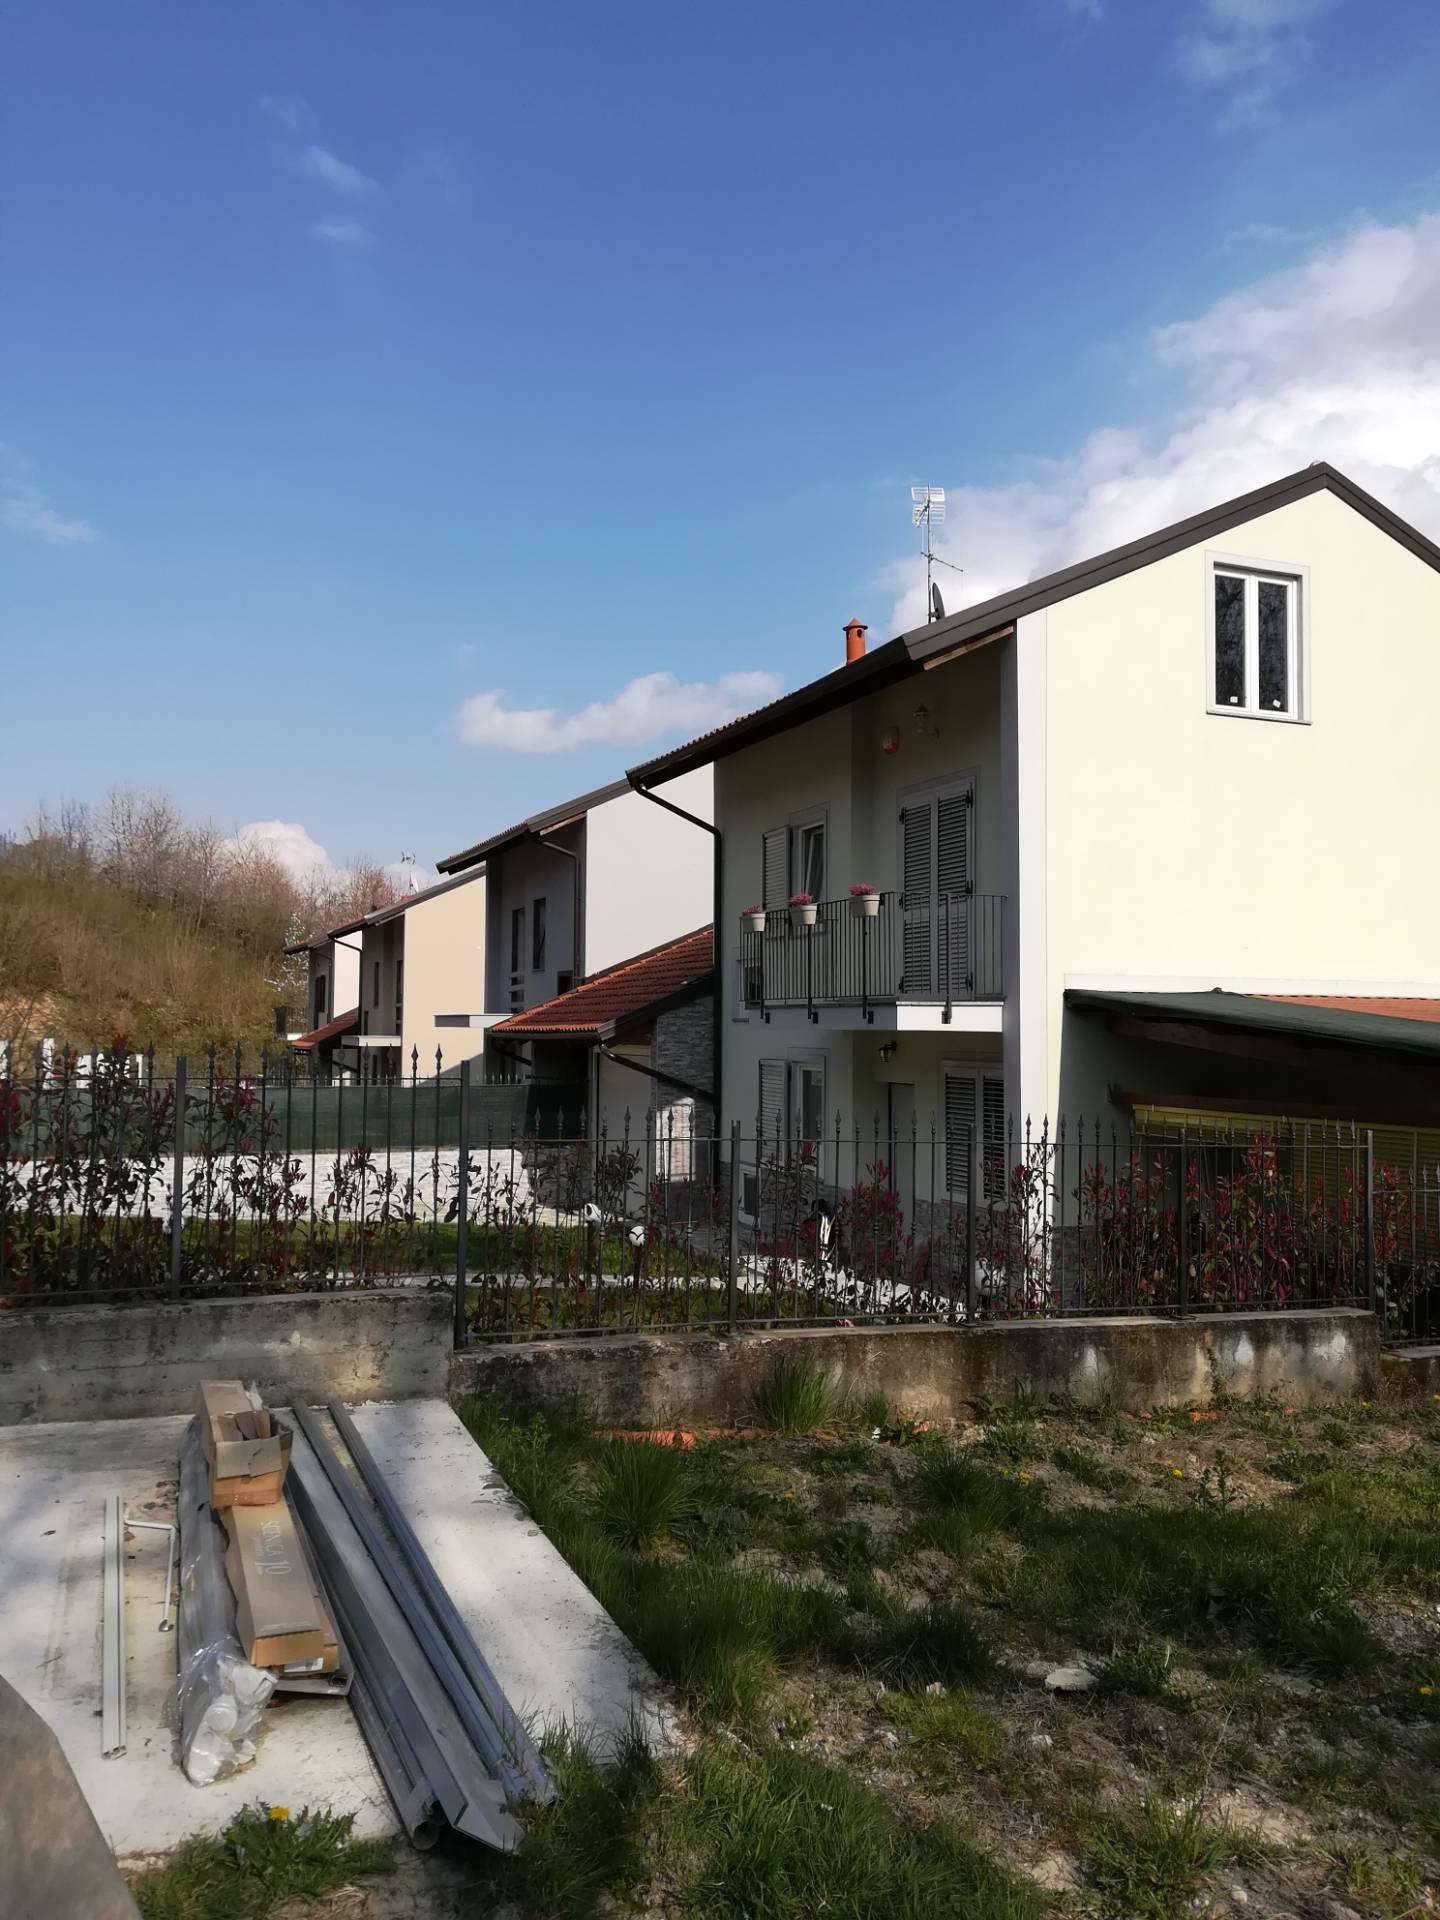 Villa in vendita a Castagneto Po, 10 locali, zona Località: CastagnetoPo, prezzo € 78.000 | PortaleAgenzieImmobiliari.it